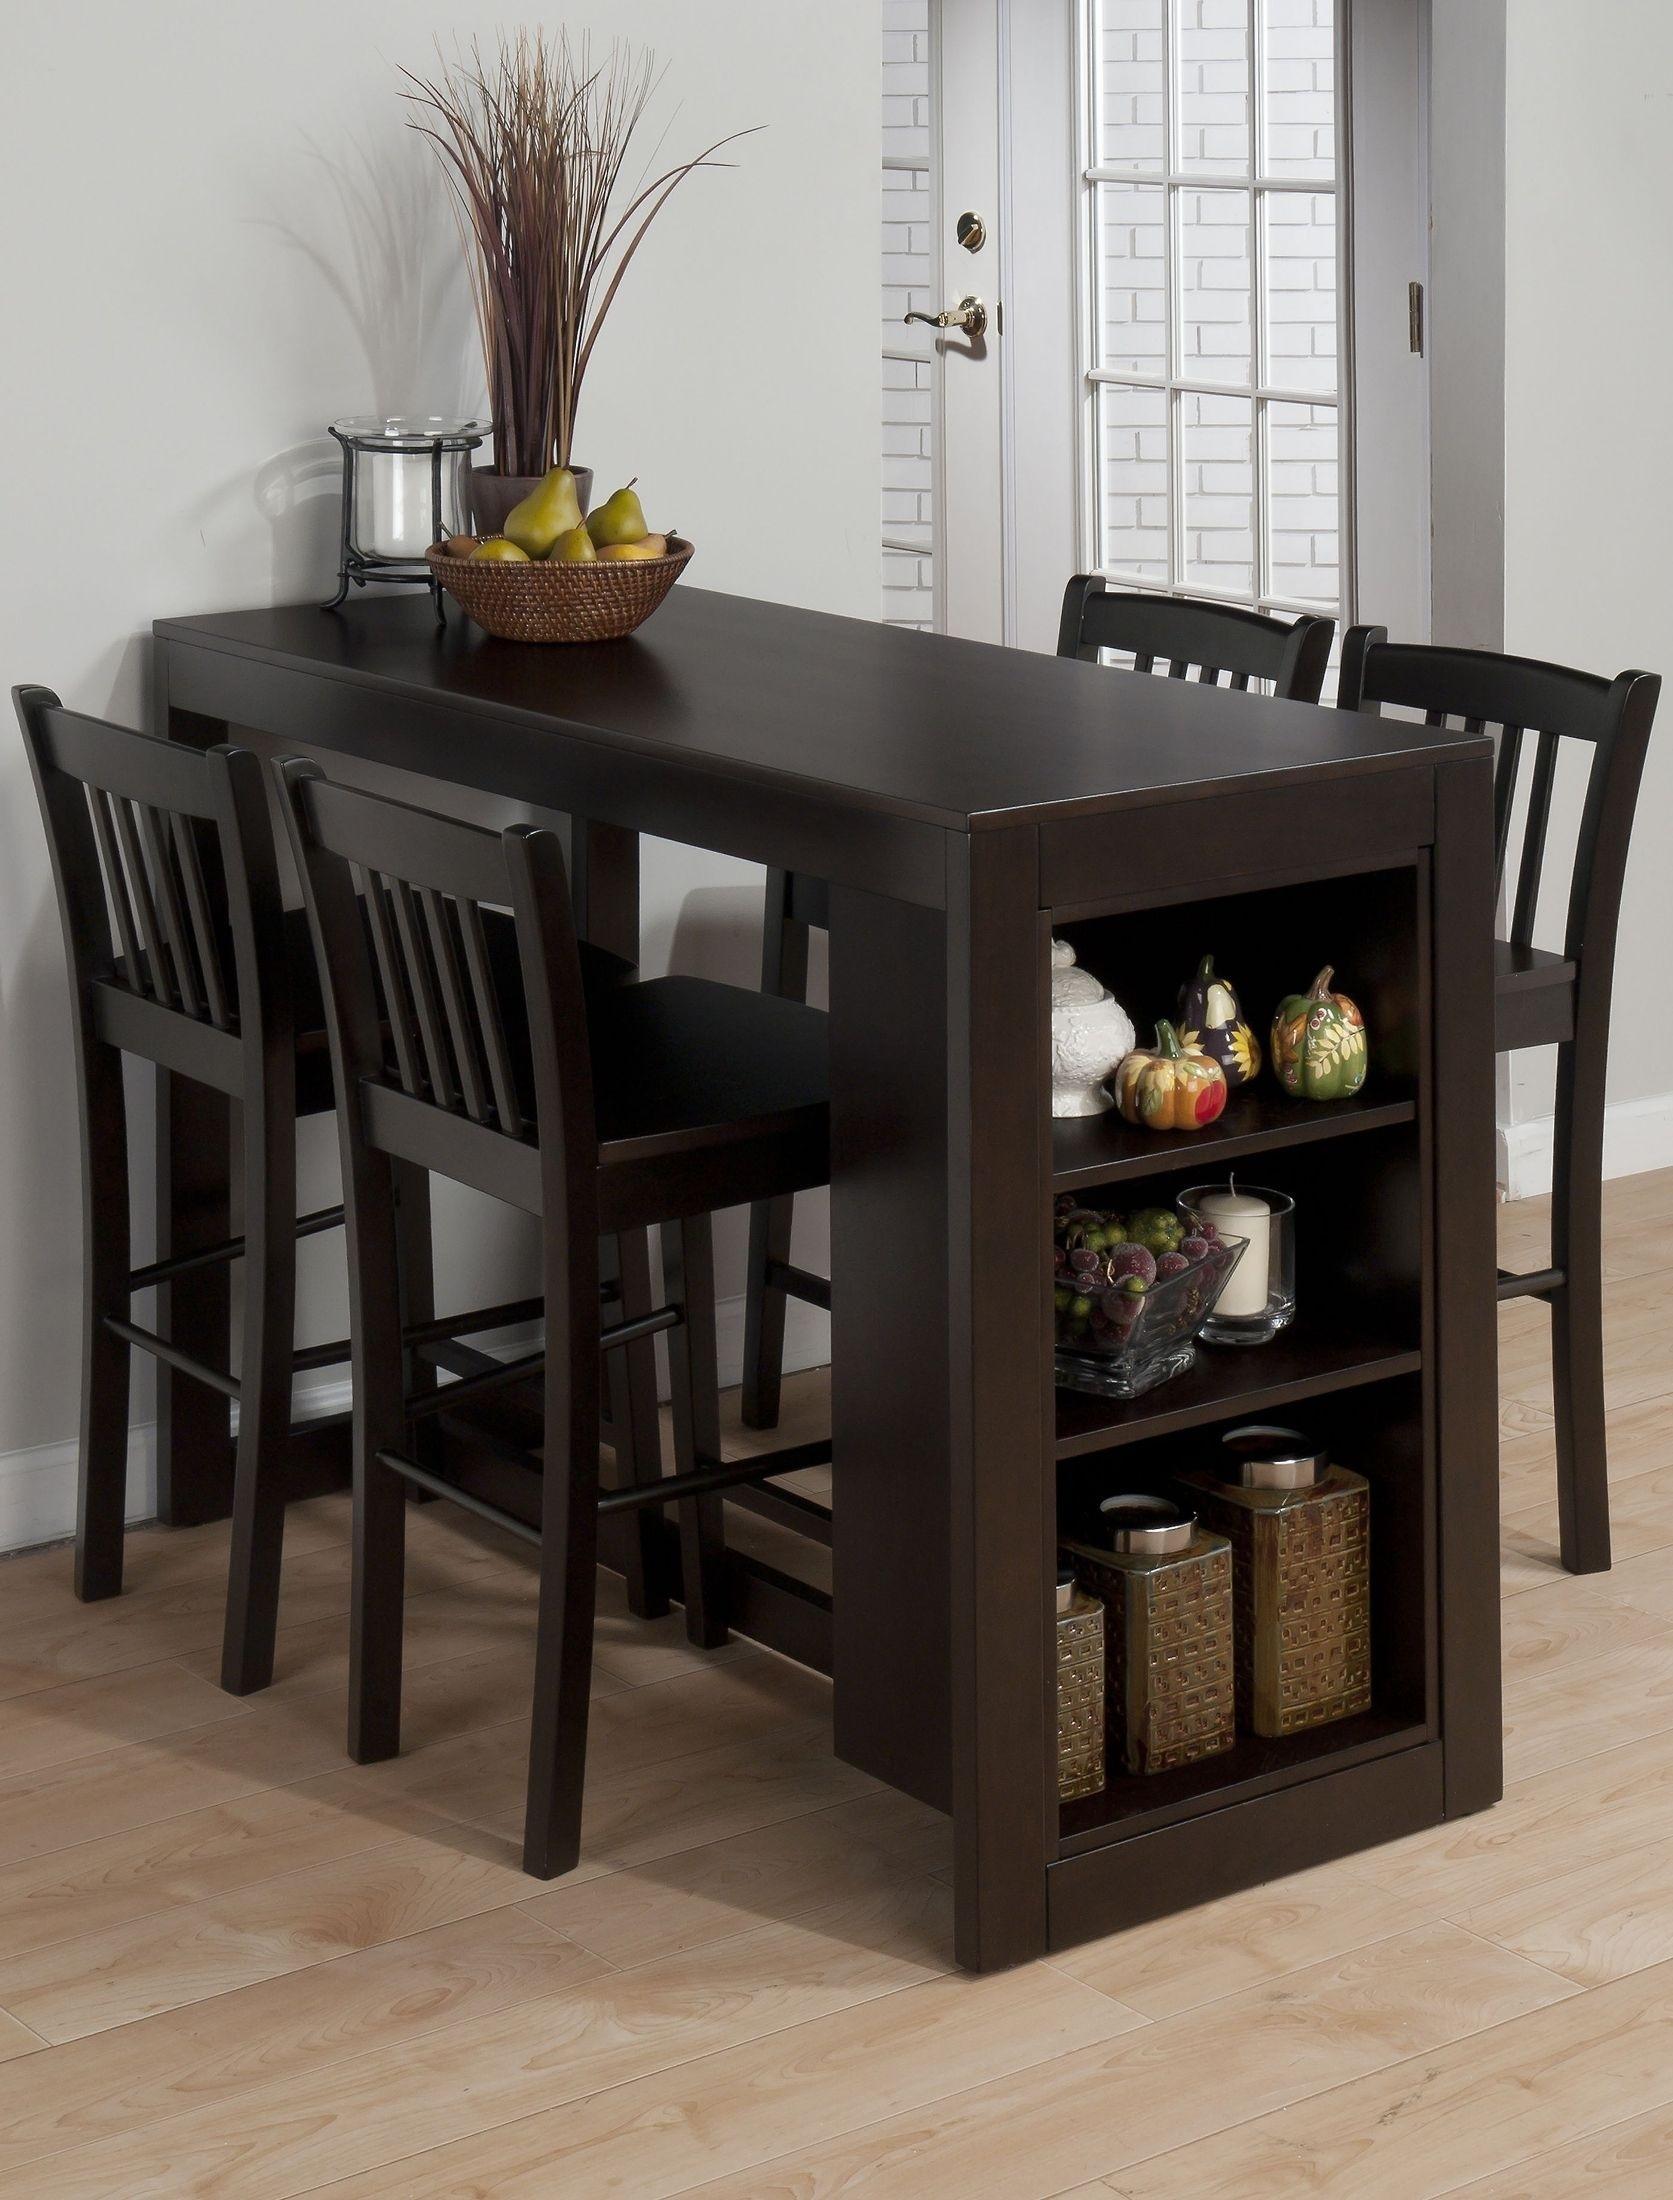 kitchen bar tables foter rh foter com dining room bar table and stools pinnadel dining room bar table